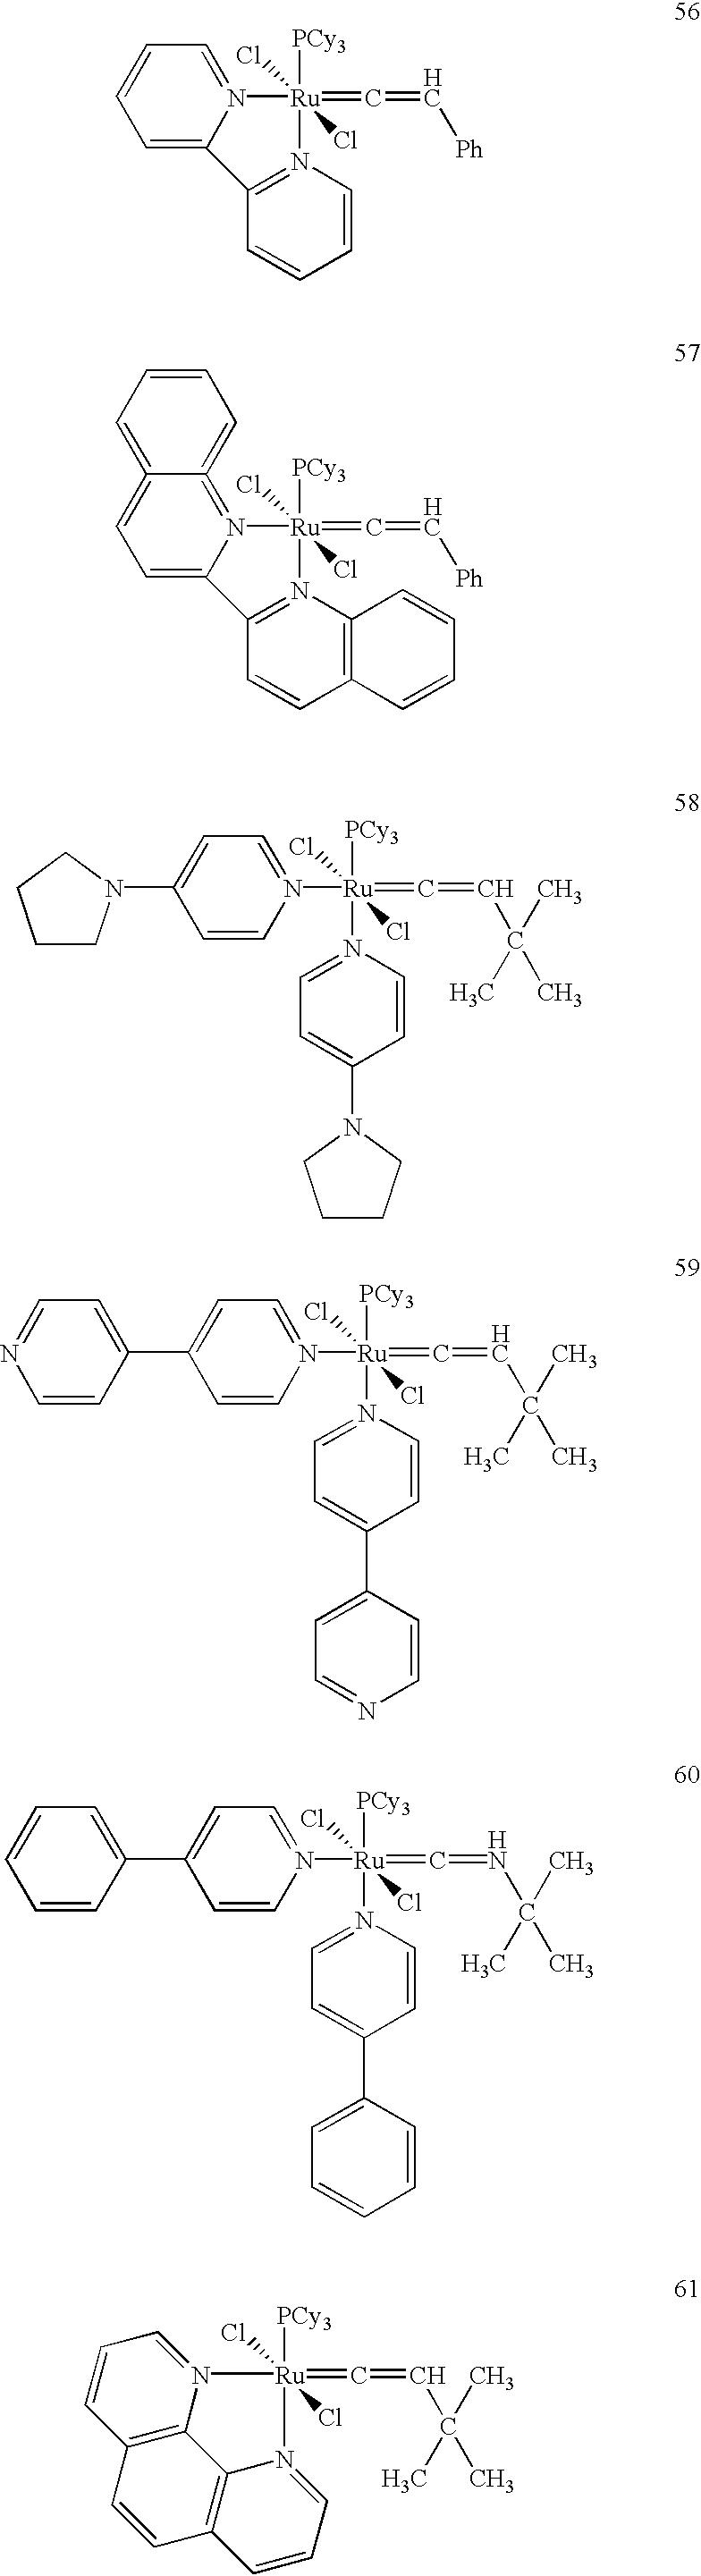 Figure US06818586-20041116-C00022